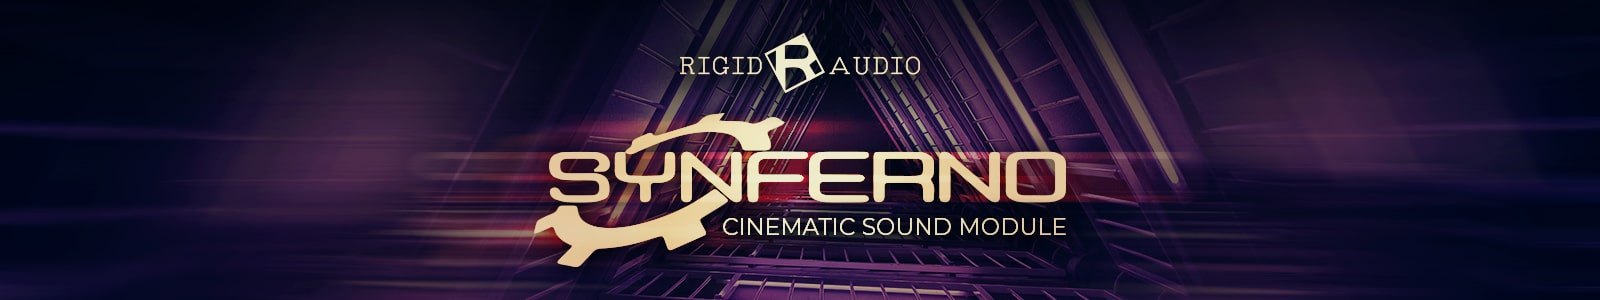 synferno by rigid audio